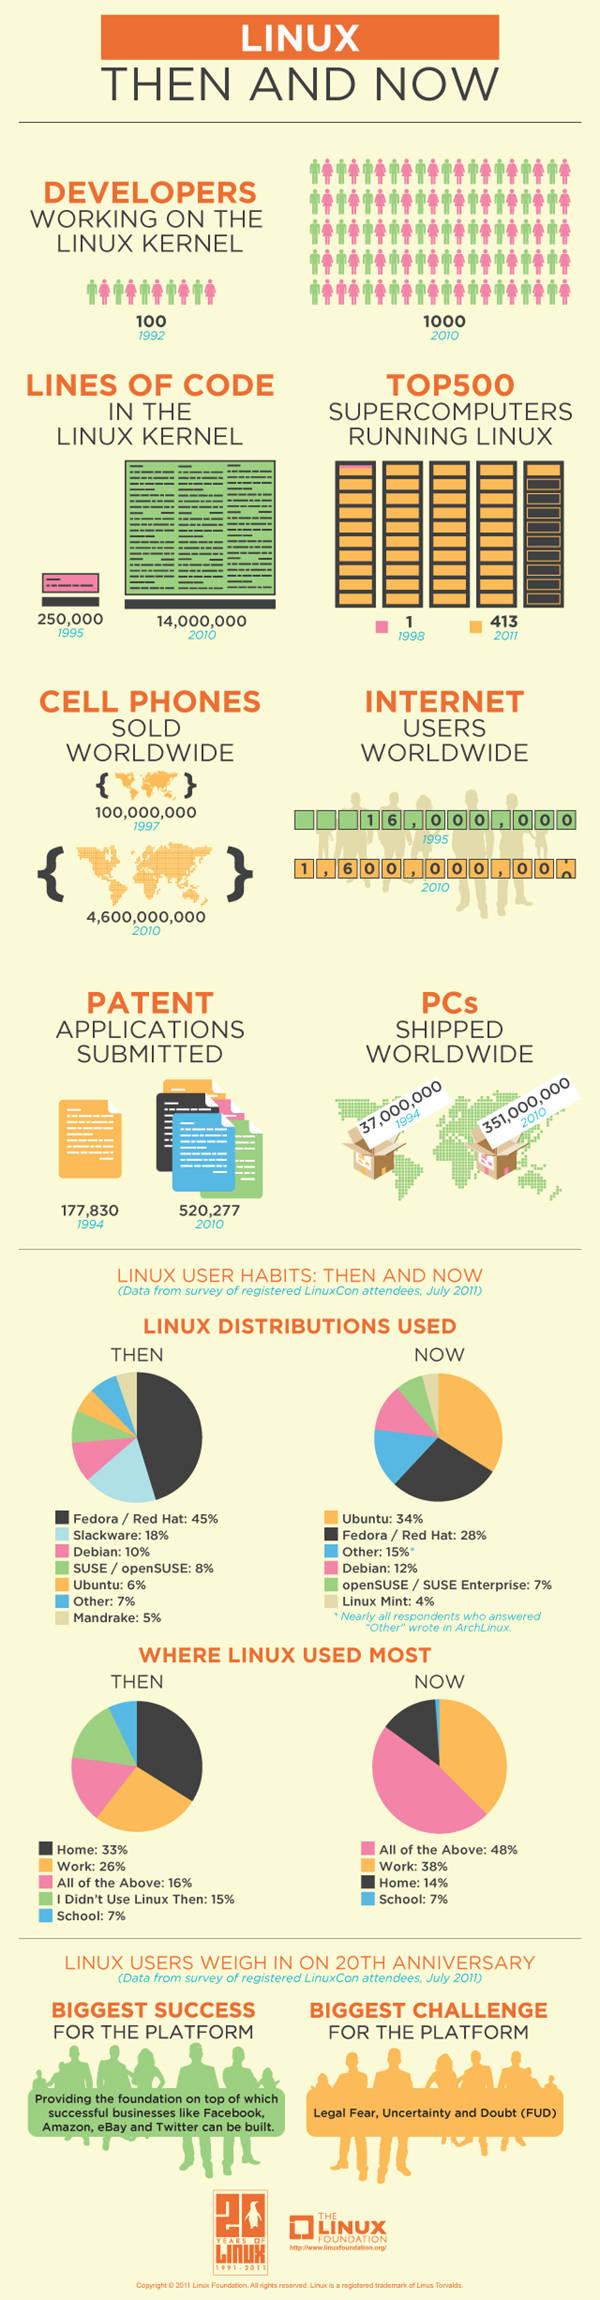 Cifre sullo sviluppo di Linux in forma grafica